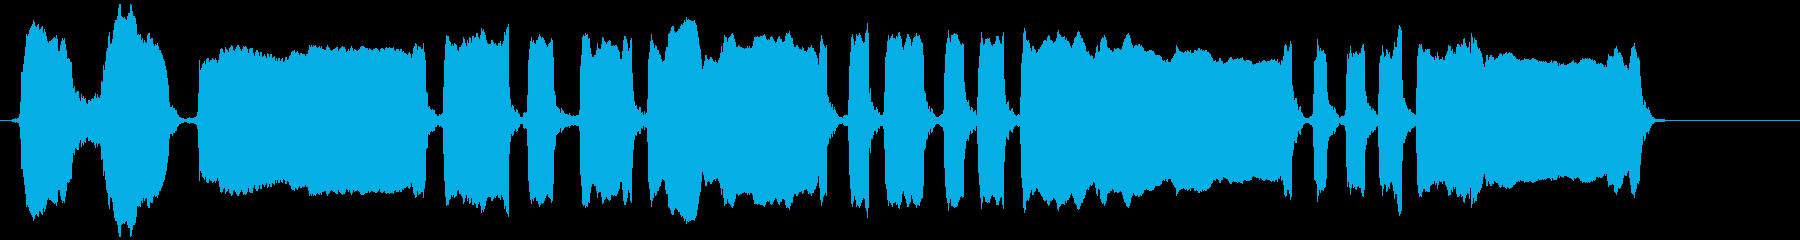 吹くパーティーのノイズメーカーの再生済みの波形